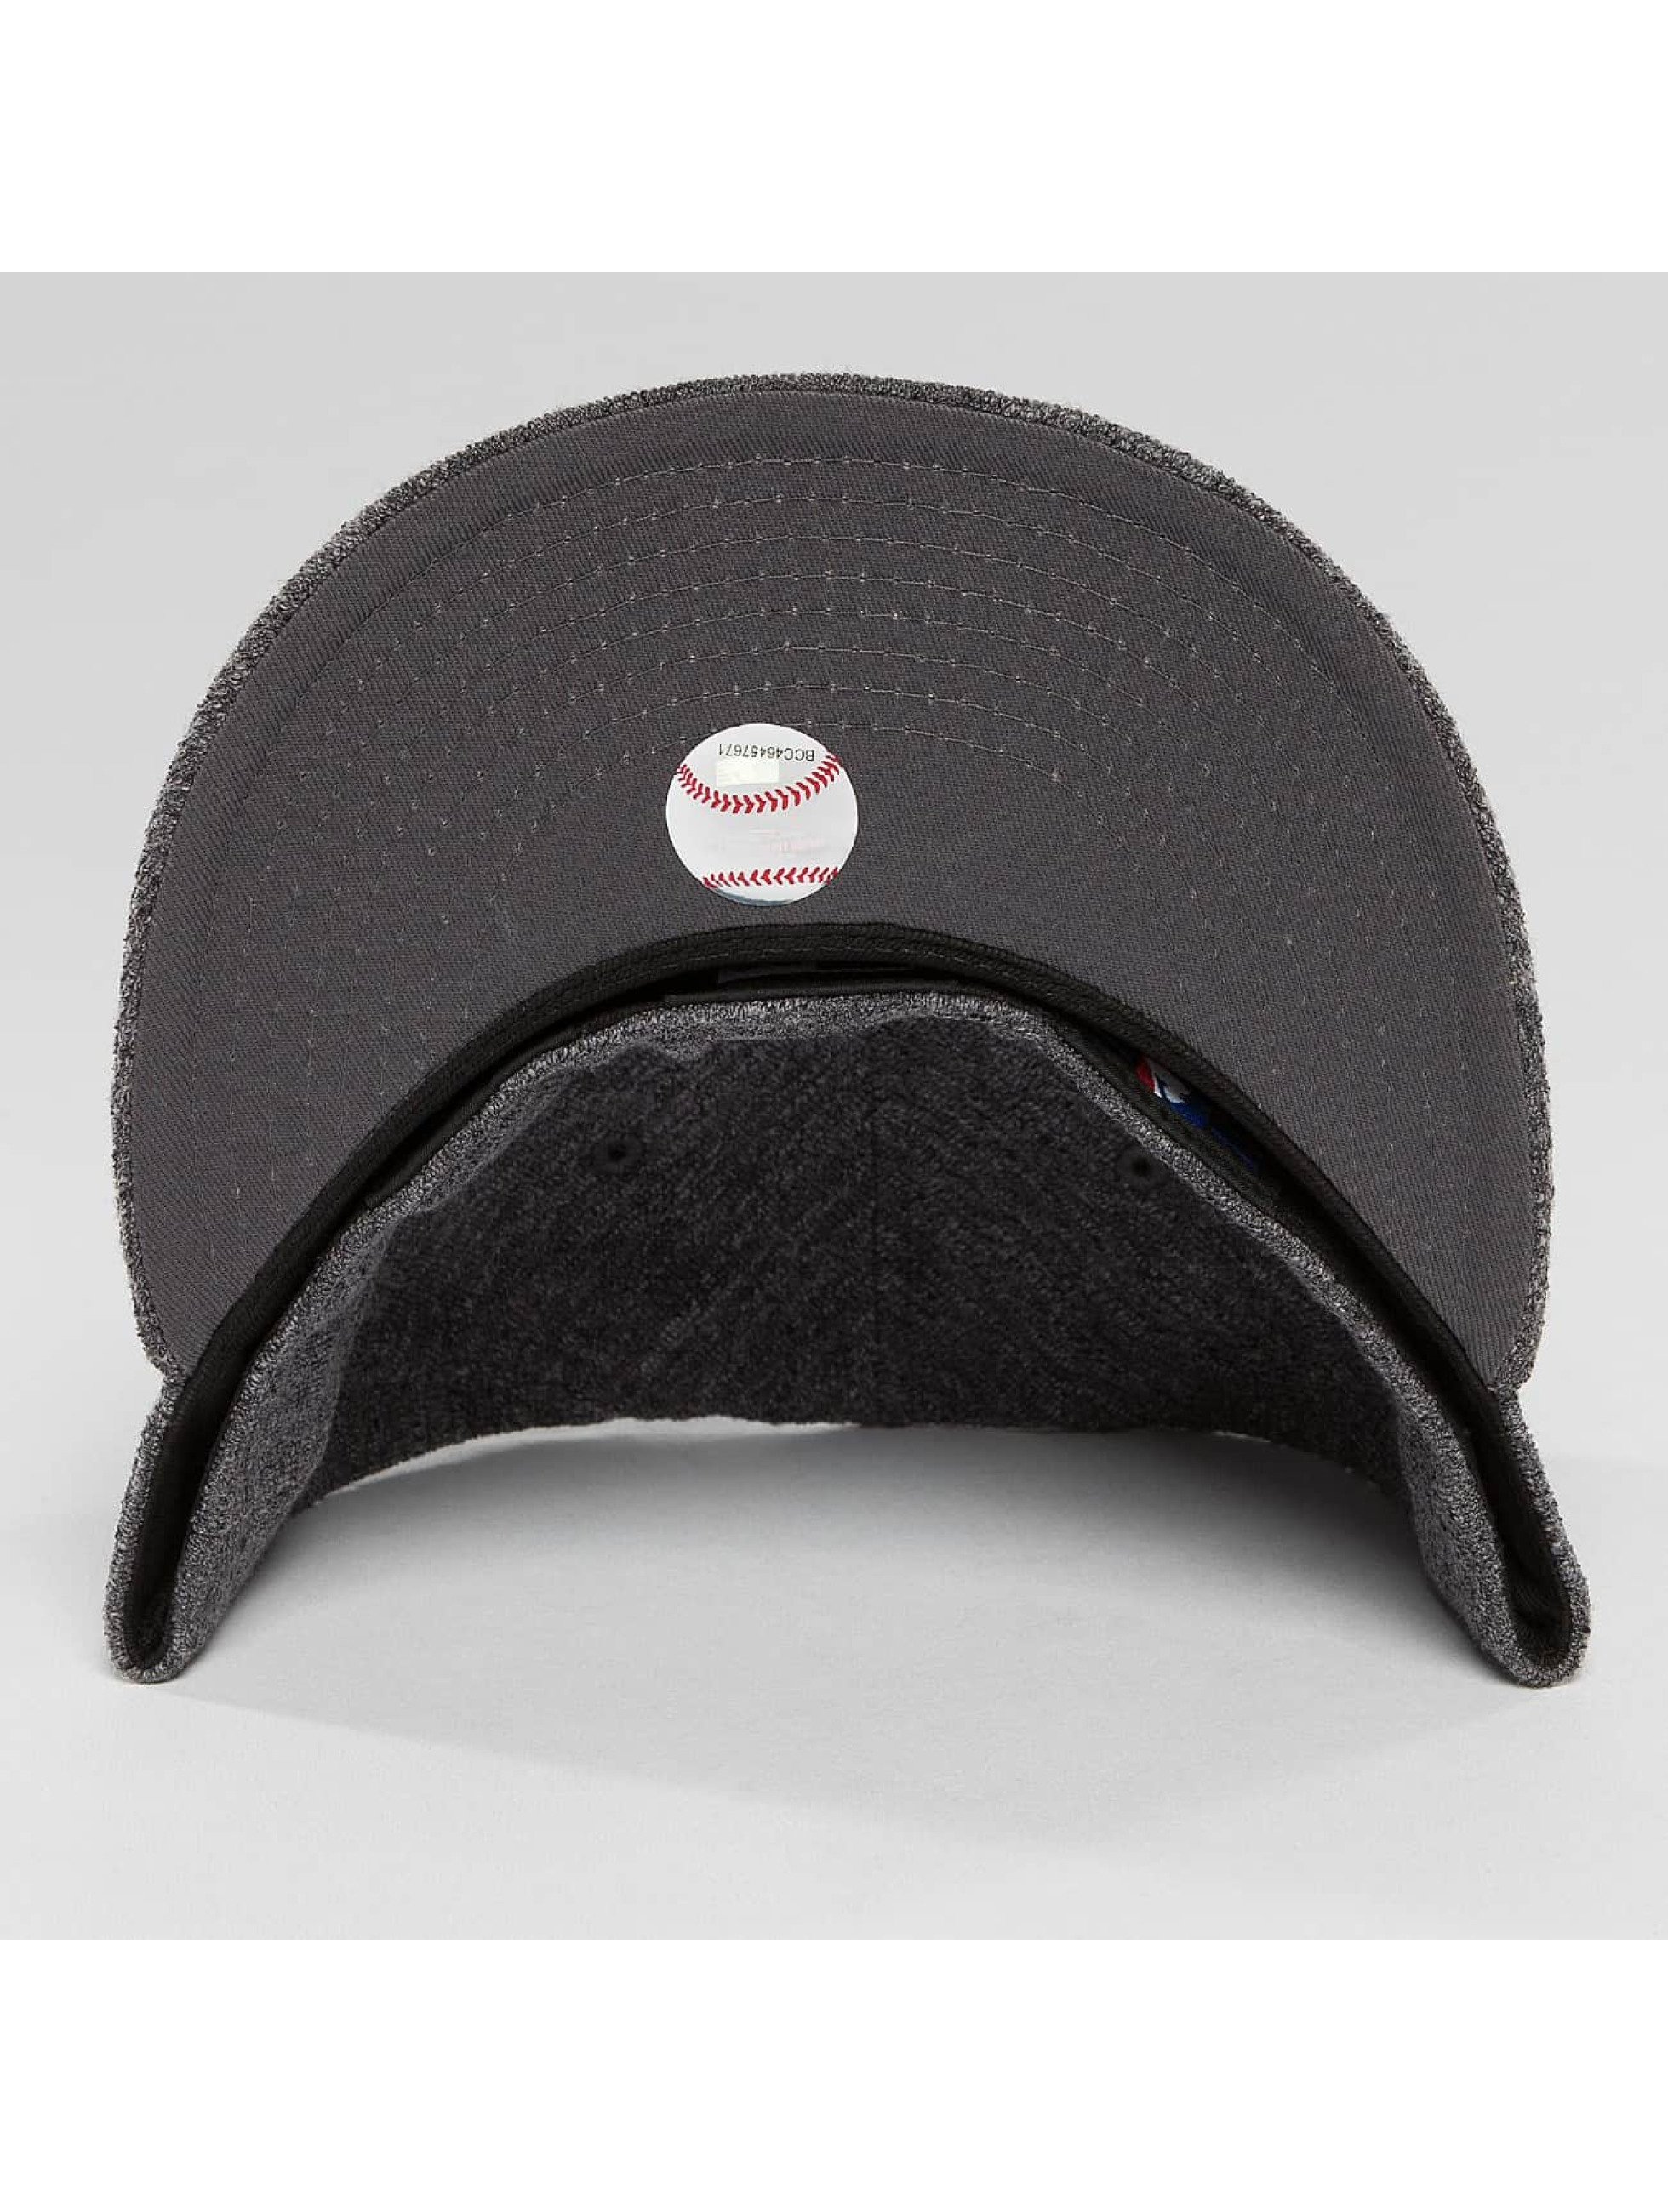 New Era Fitted Cap Slub LA Dodgers 59Fifty grey